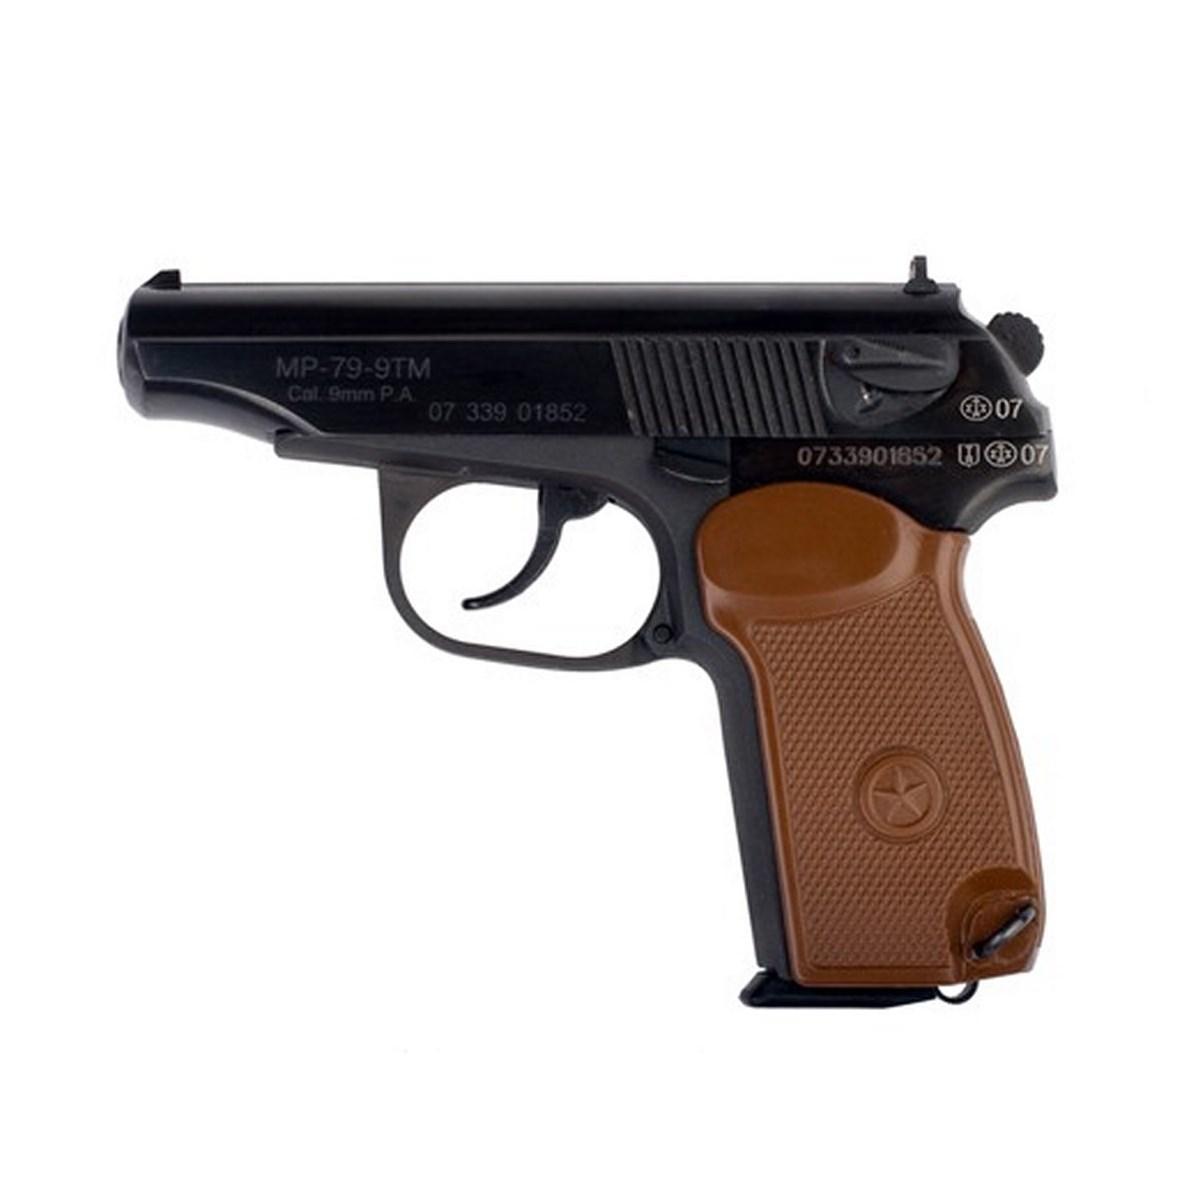 Фото пистолета мp 80 5